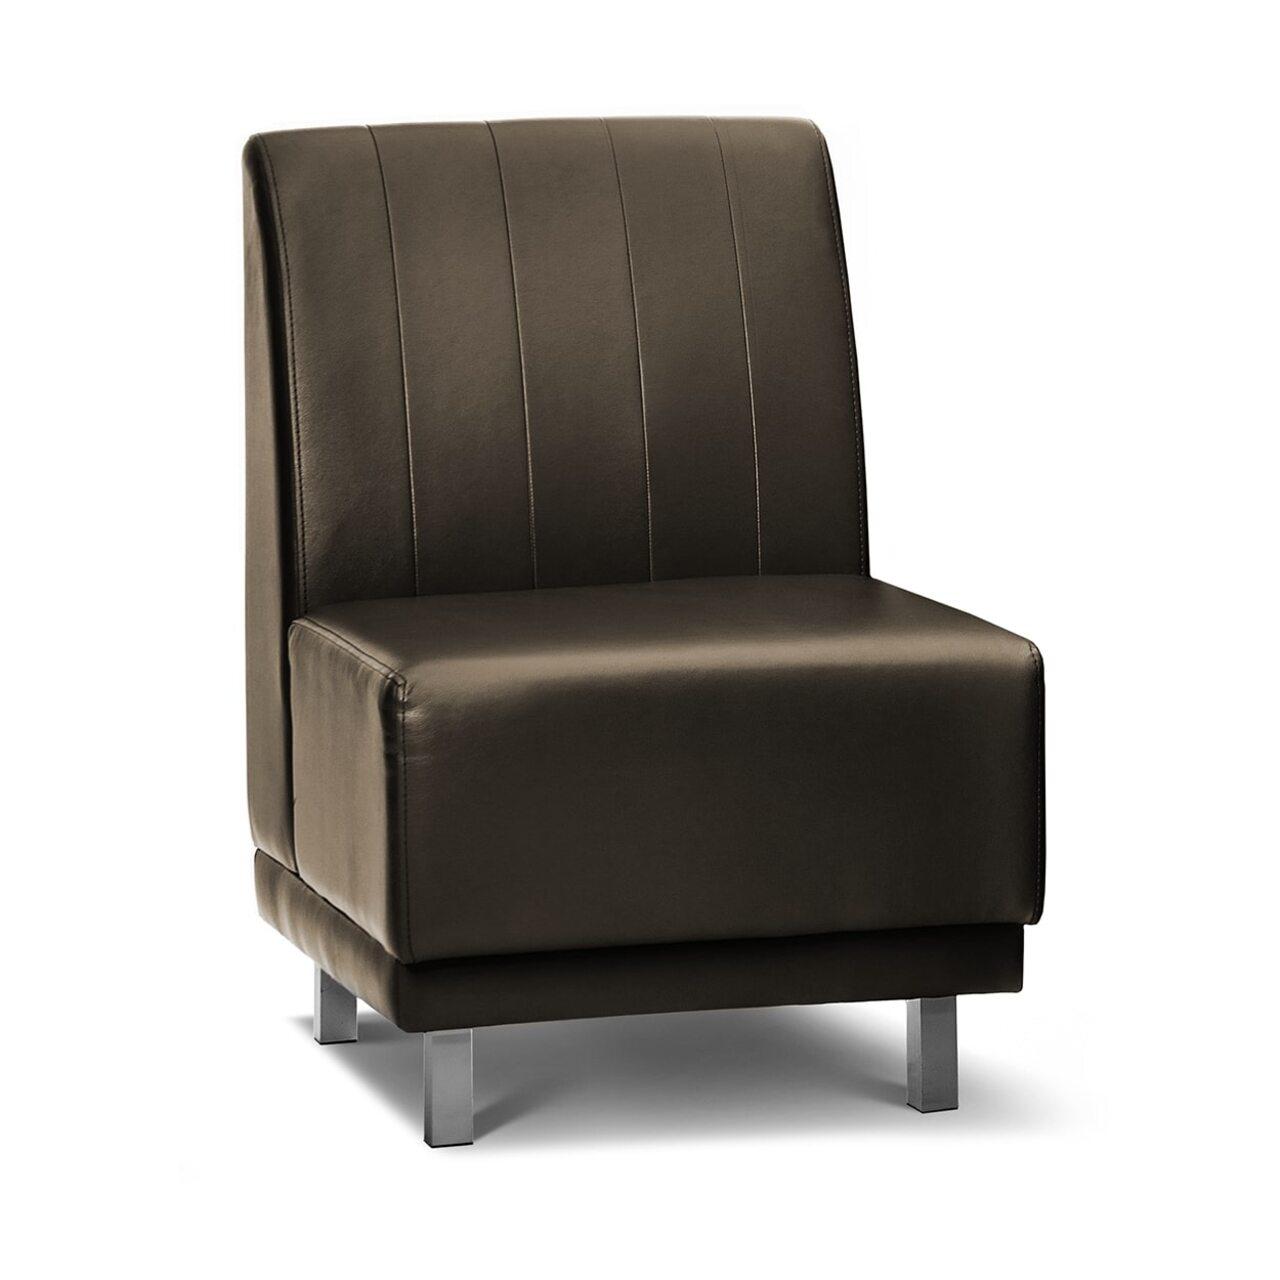 Кресло  Сити 60x71x93 - фото 2